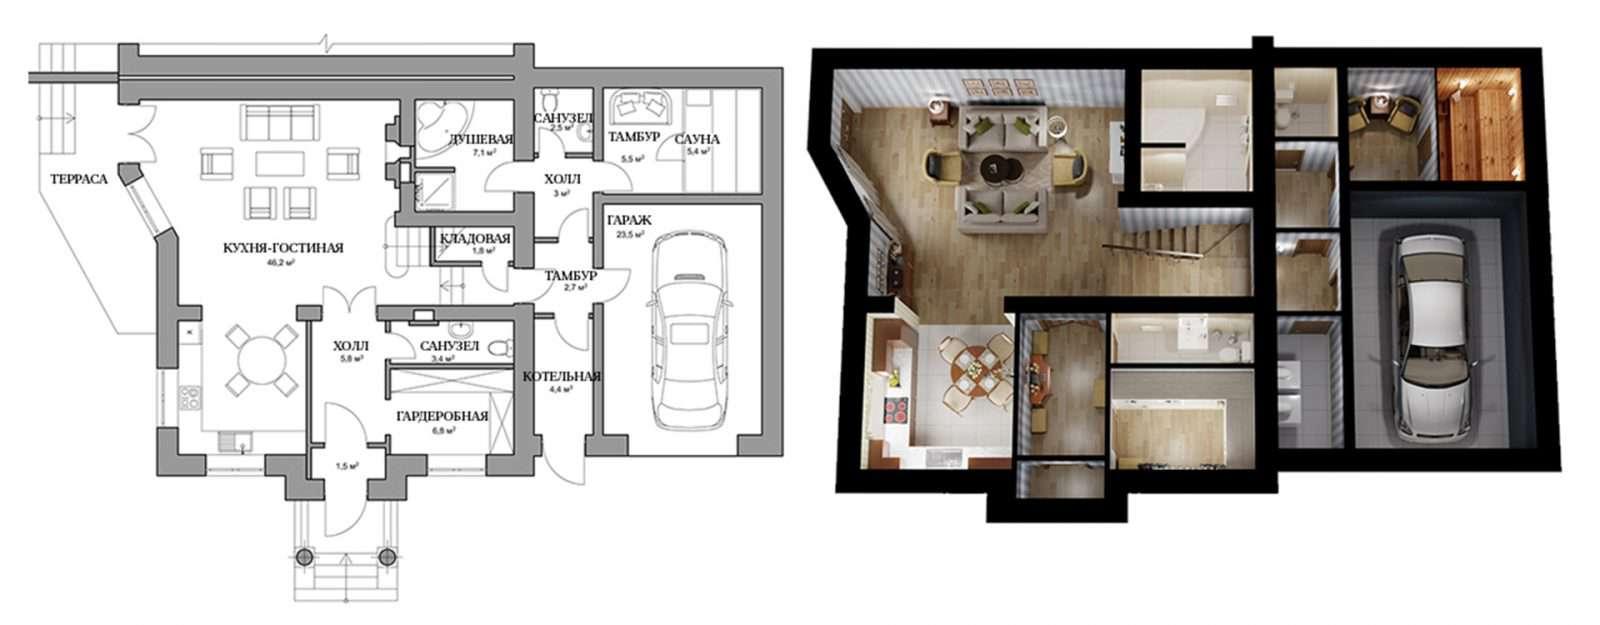 Дуплекс «Глория» - план первого этажа